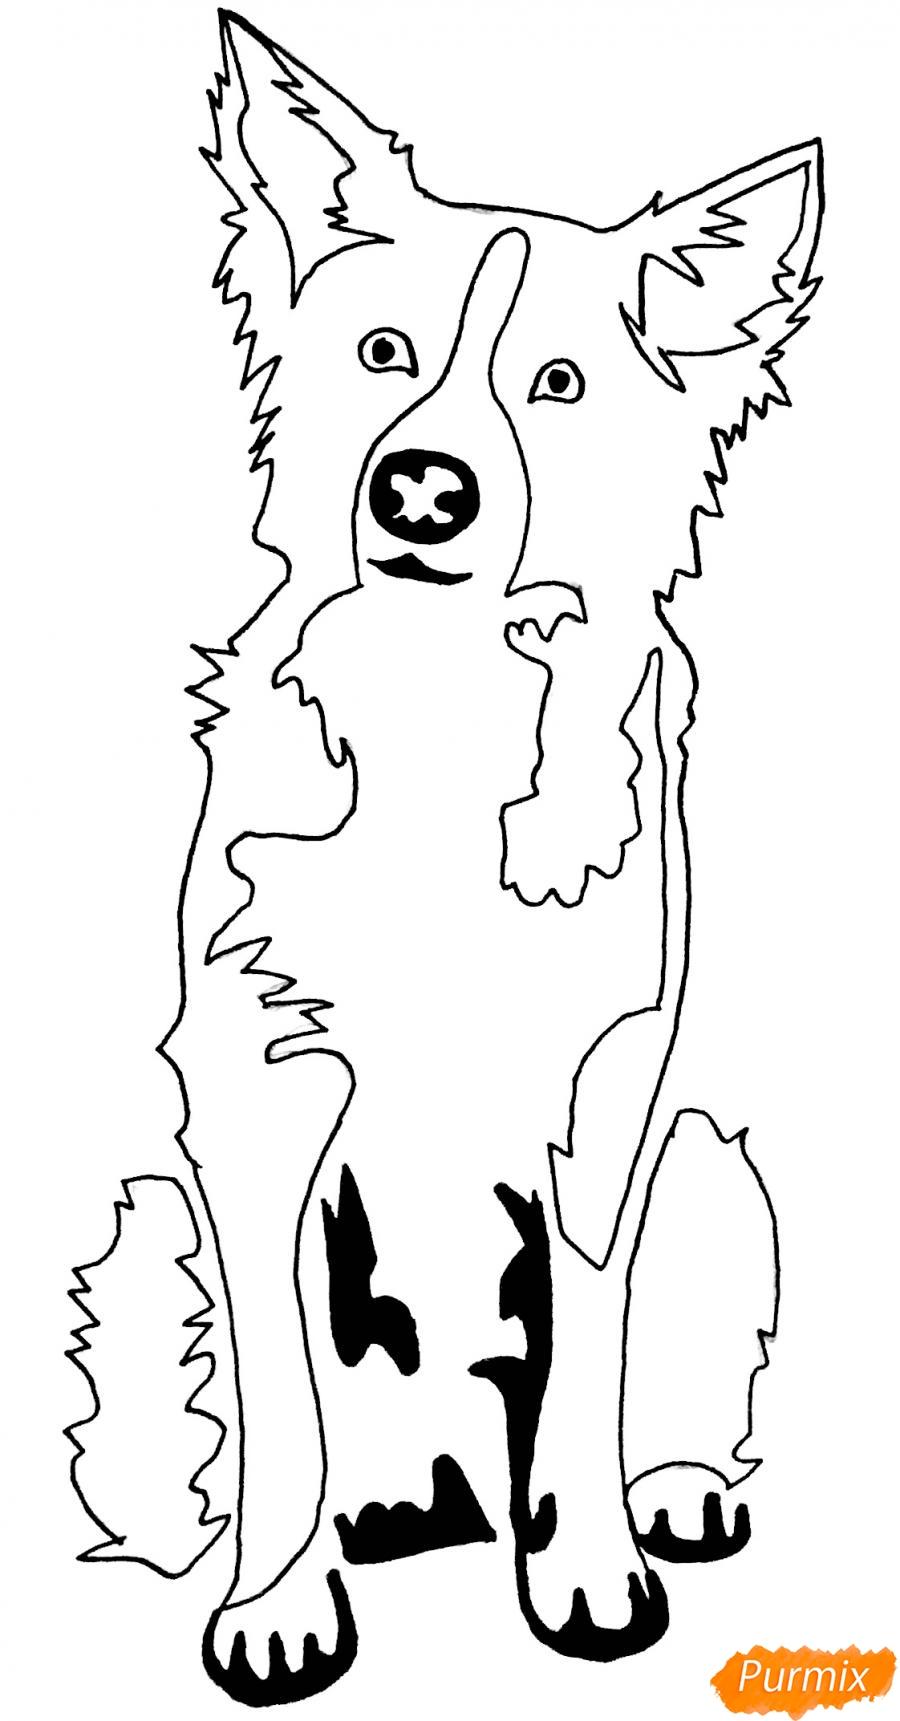 Рисуем тату собаку - фото 8